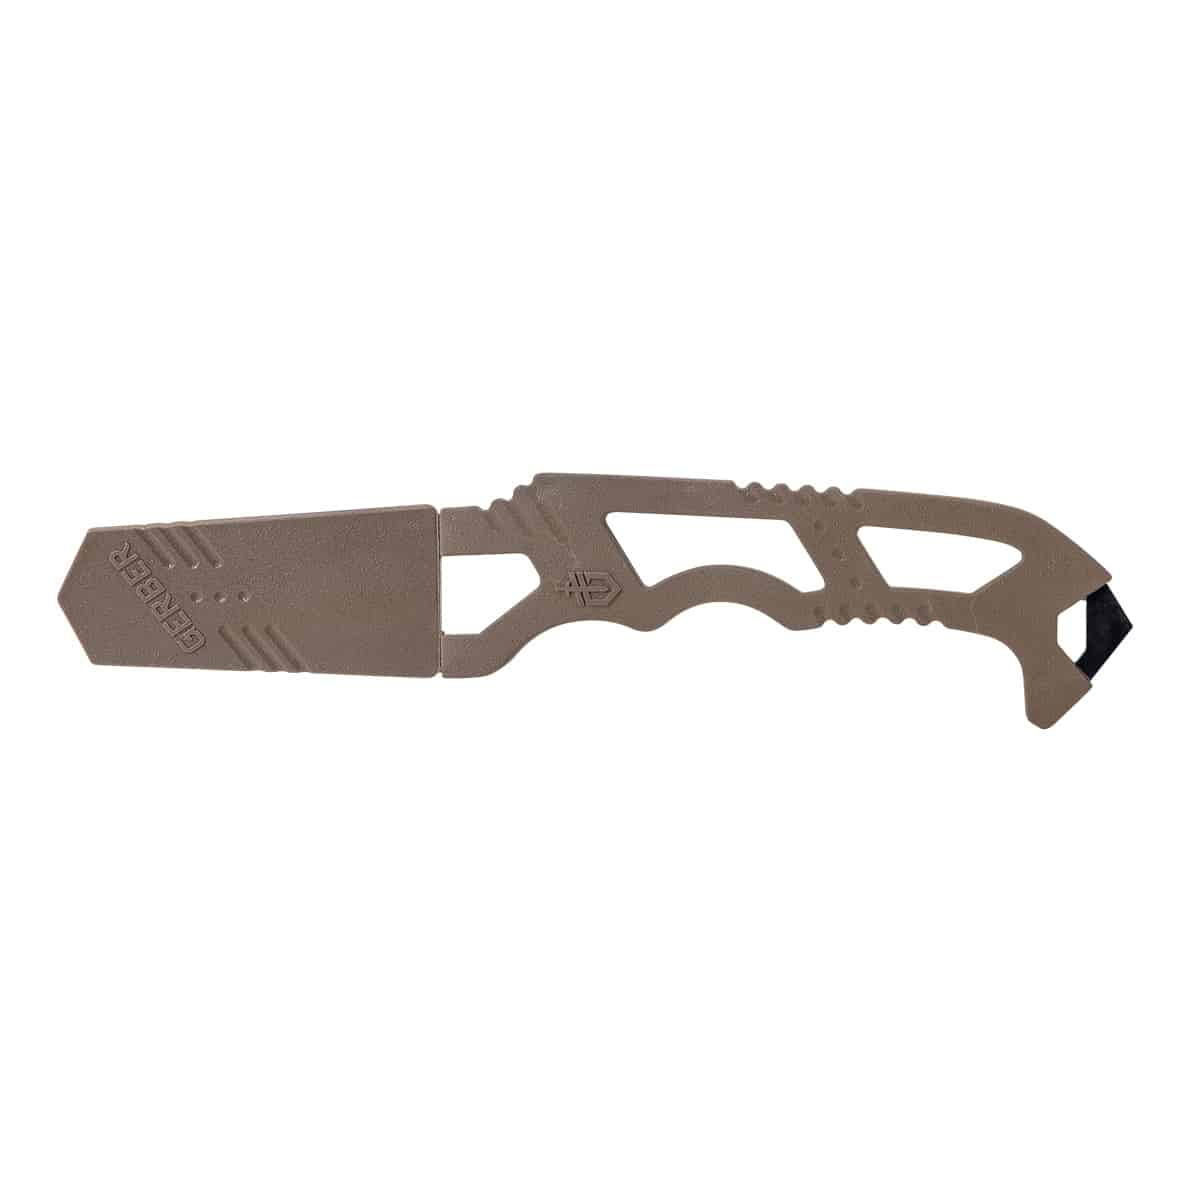 gerber crisis hook knife sheathed